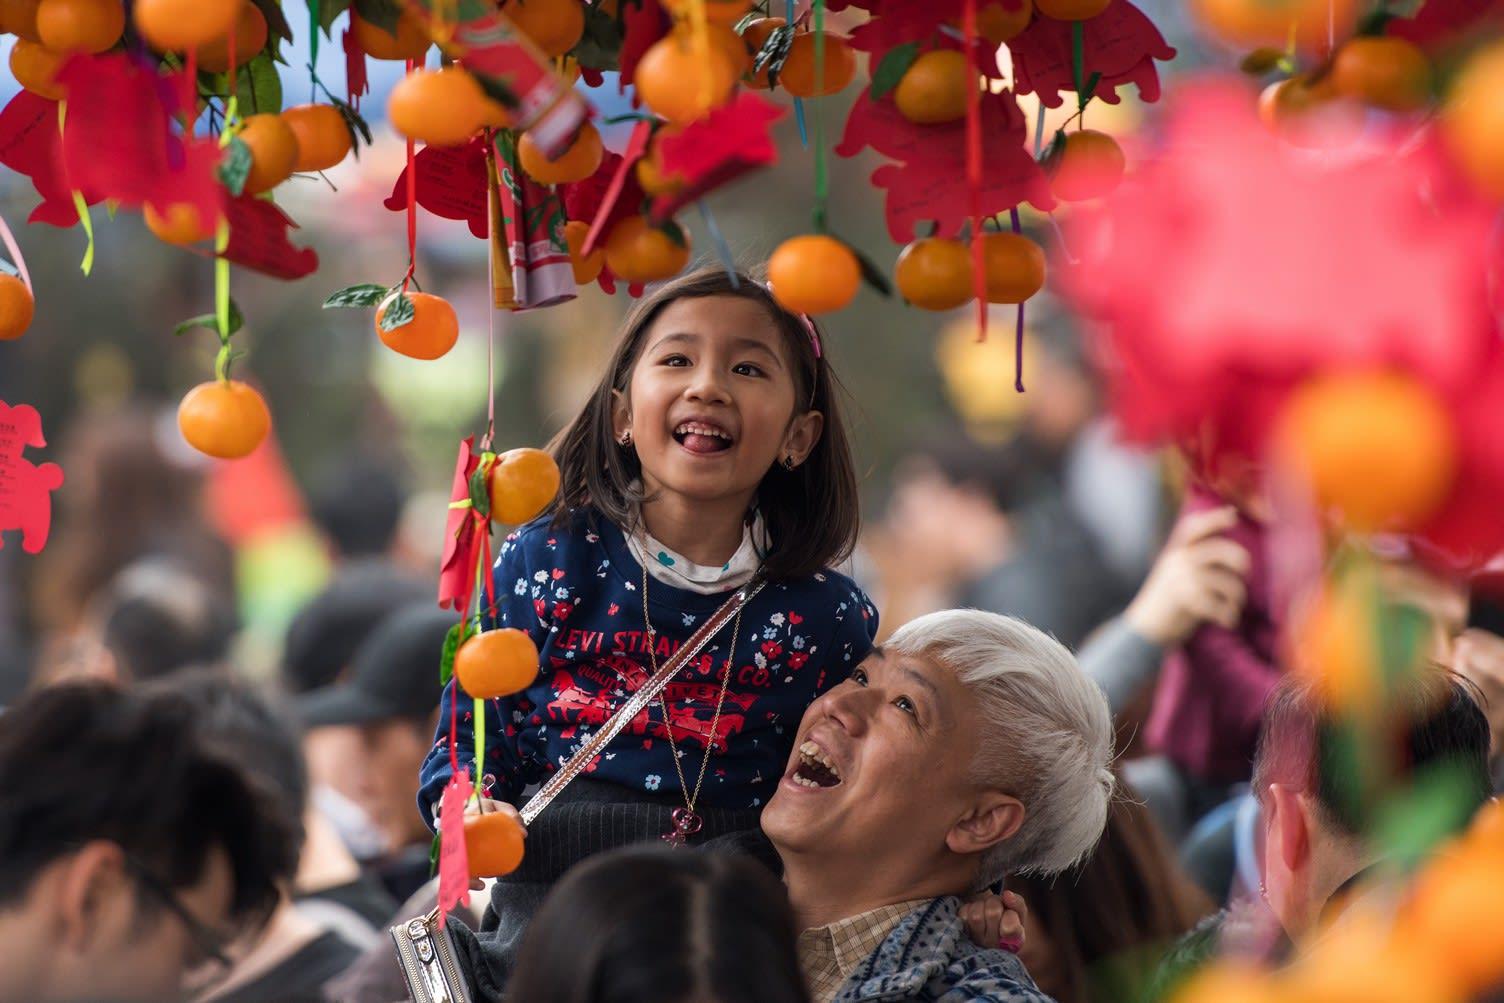 大埔林村許願廣場許願節,圖片取自www.lamtsuen.com。